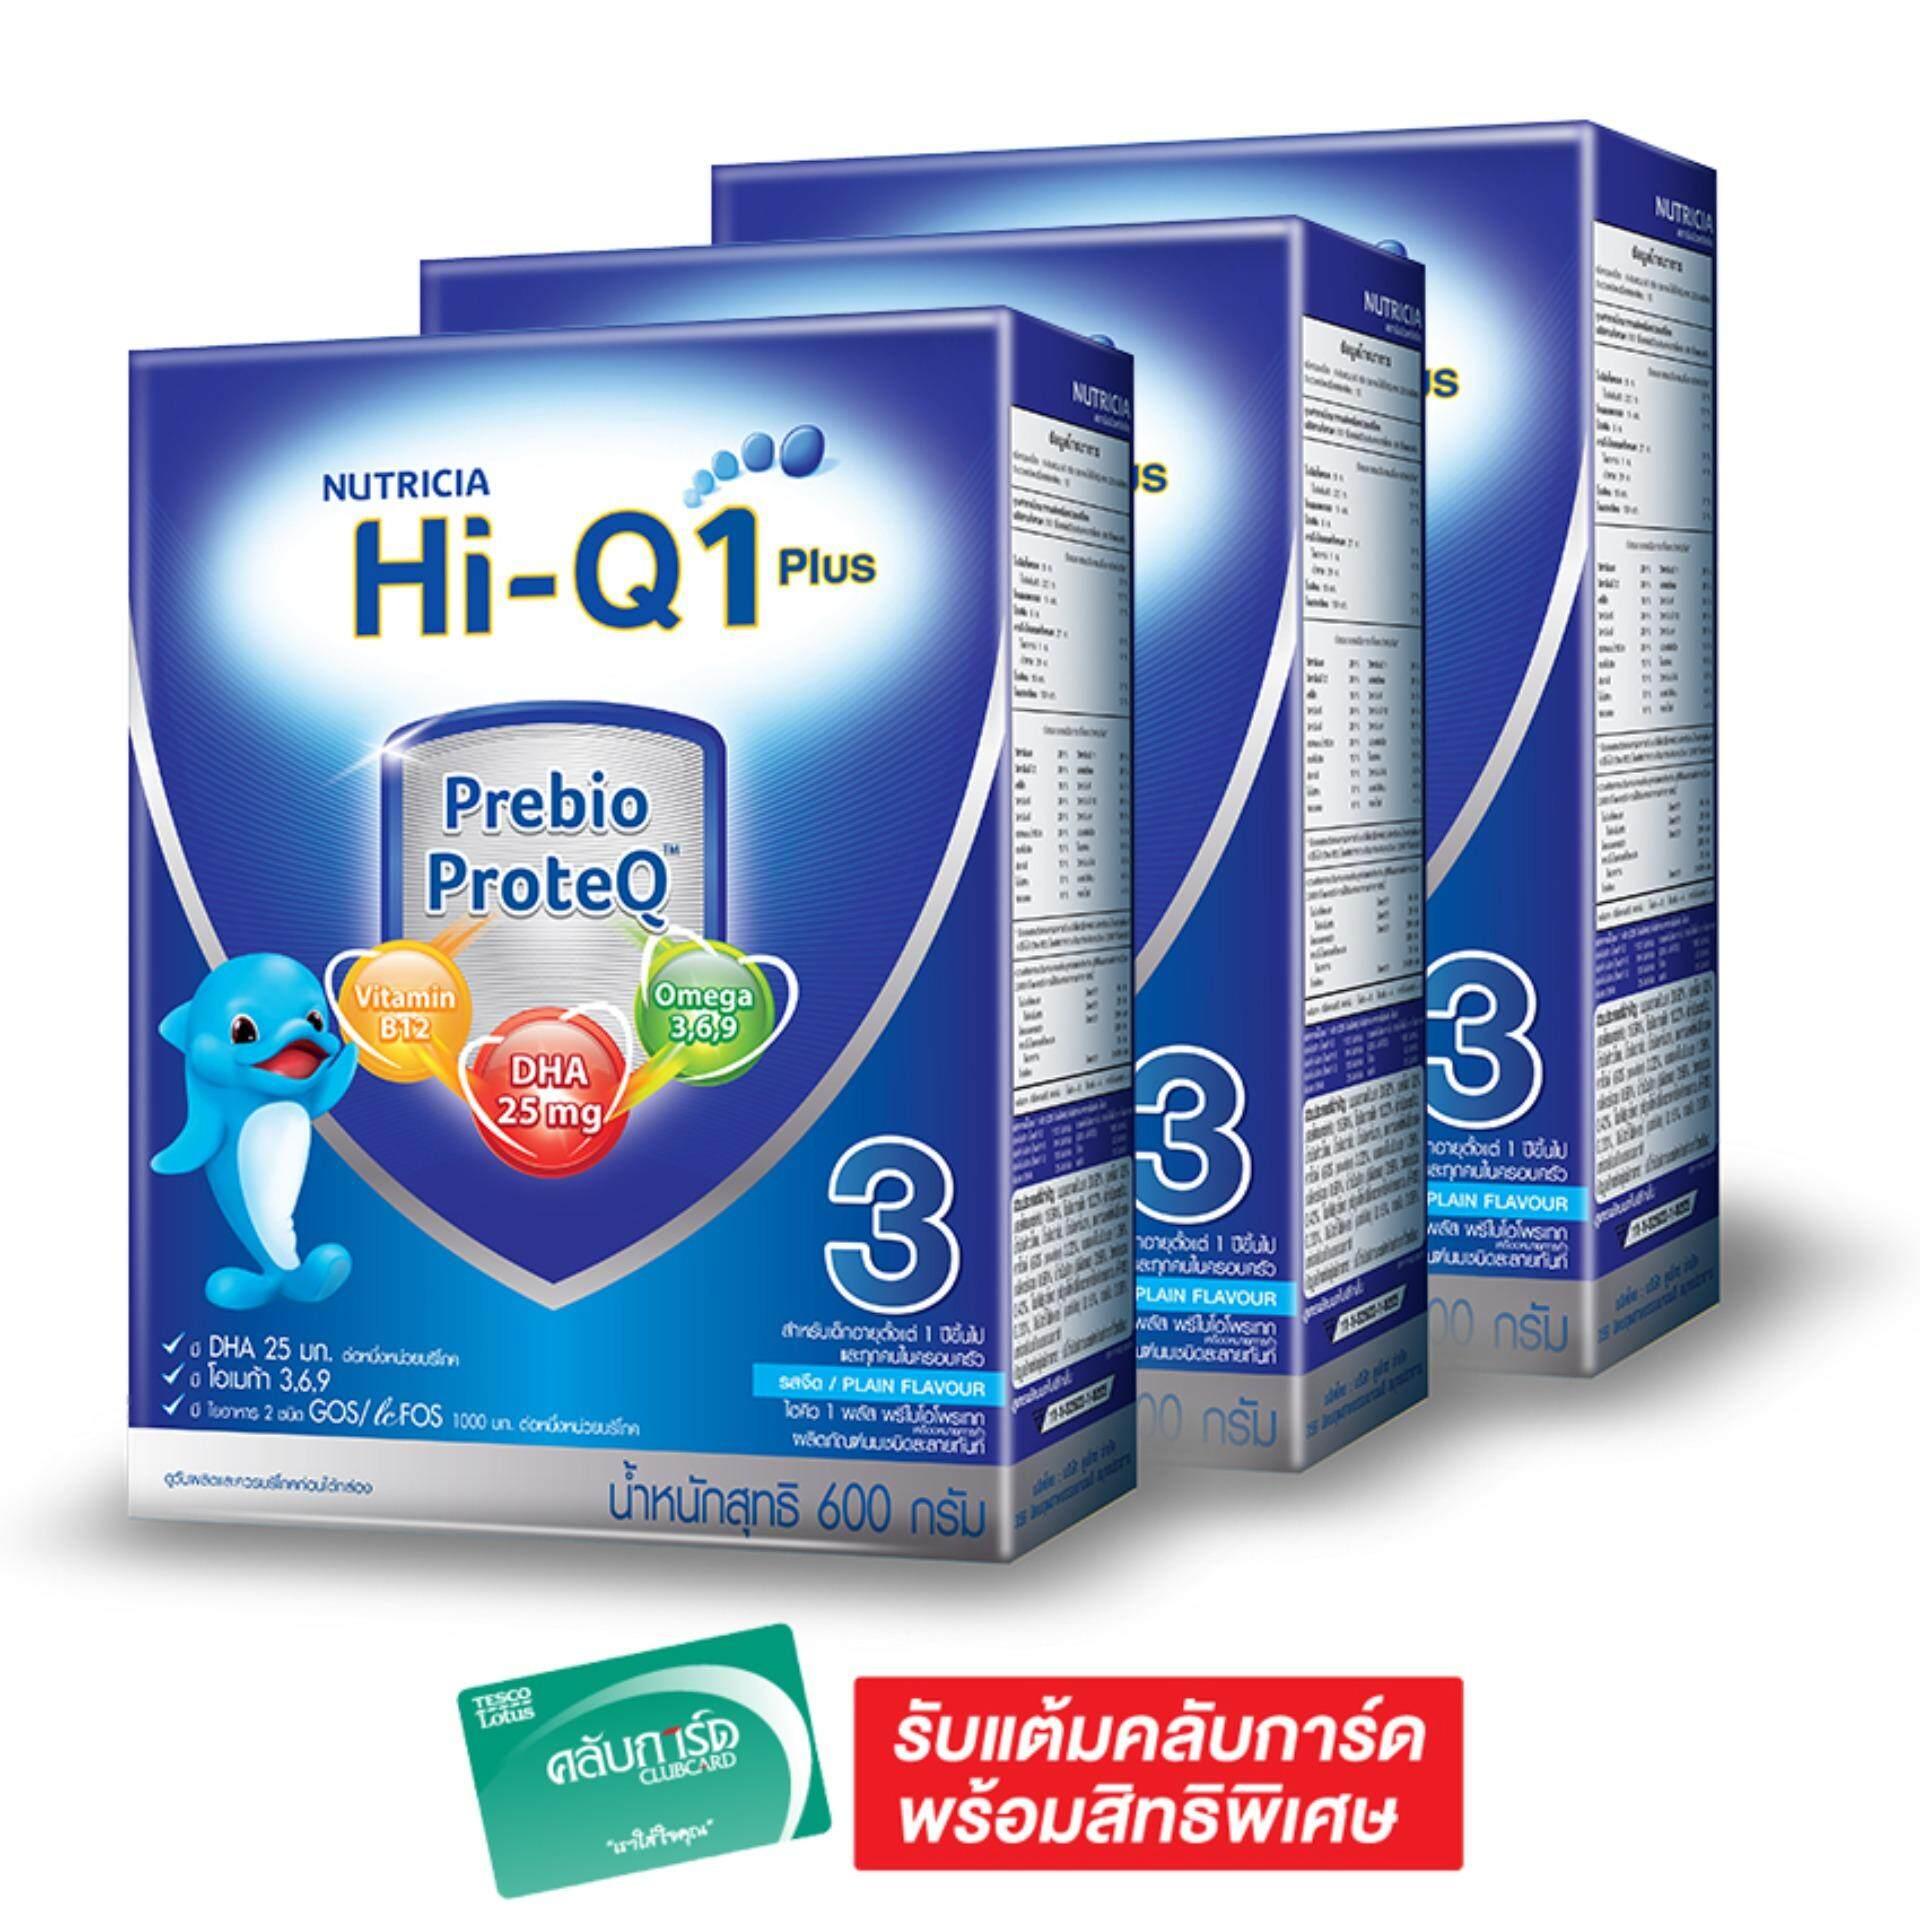 โปรโมชั่น Hi Q ไฮคิว นมผง1พลัส พรีไบโอโพรเทก ช่วงวัยที่ 3 รสจืด600กรัม แพ็ค3กล่อง ใน กรุงเทพมหานคร